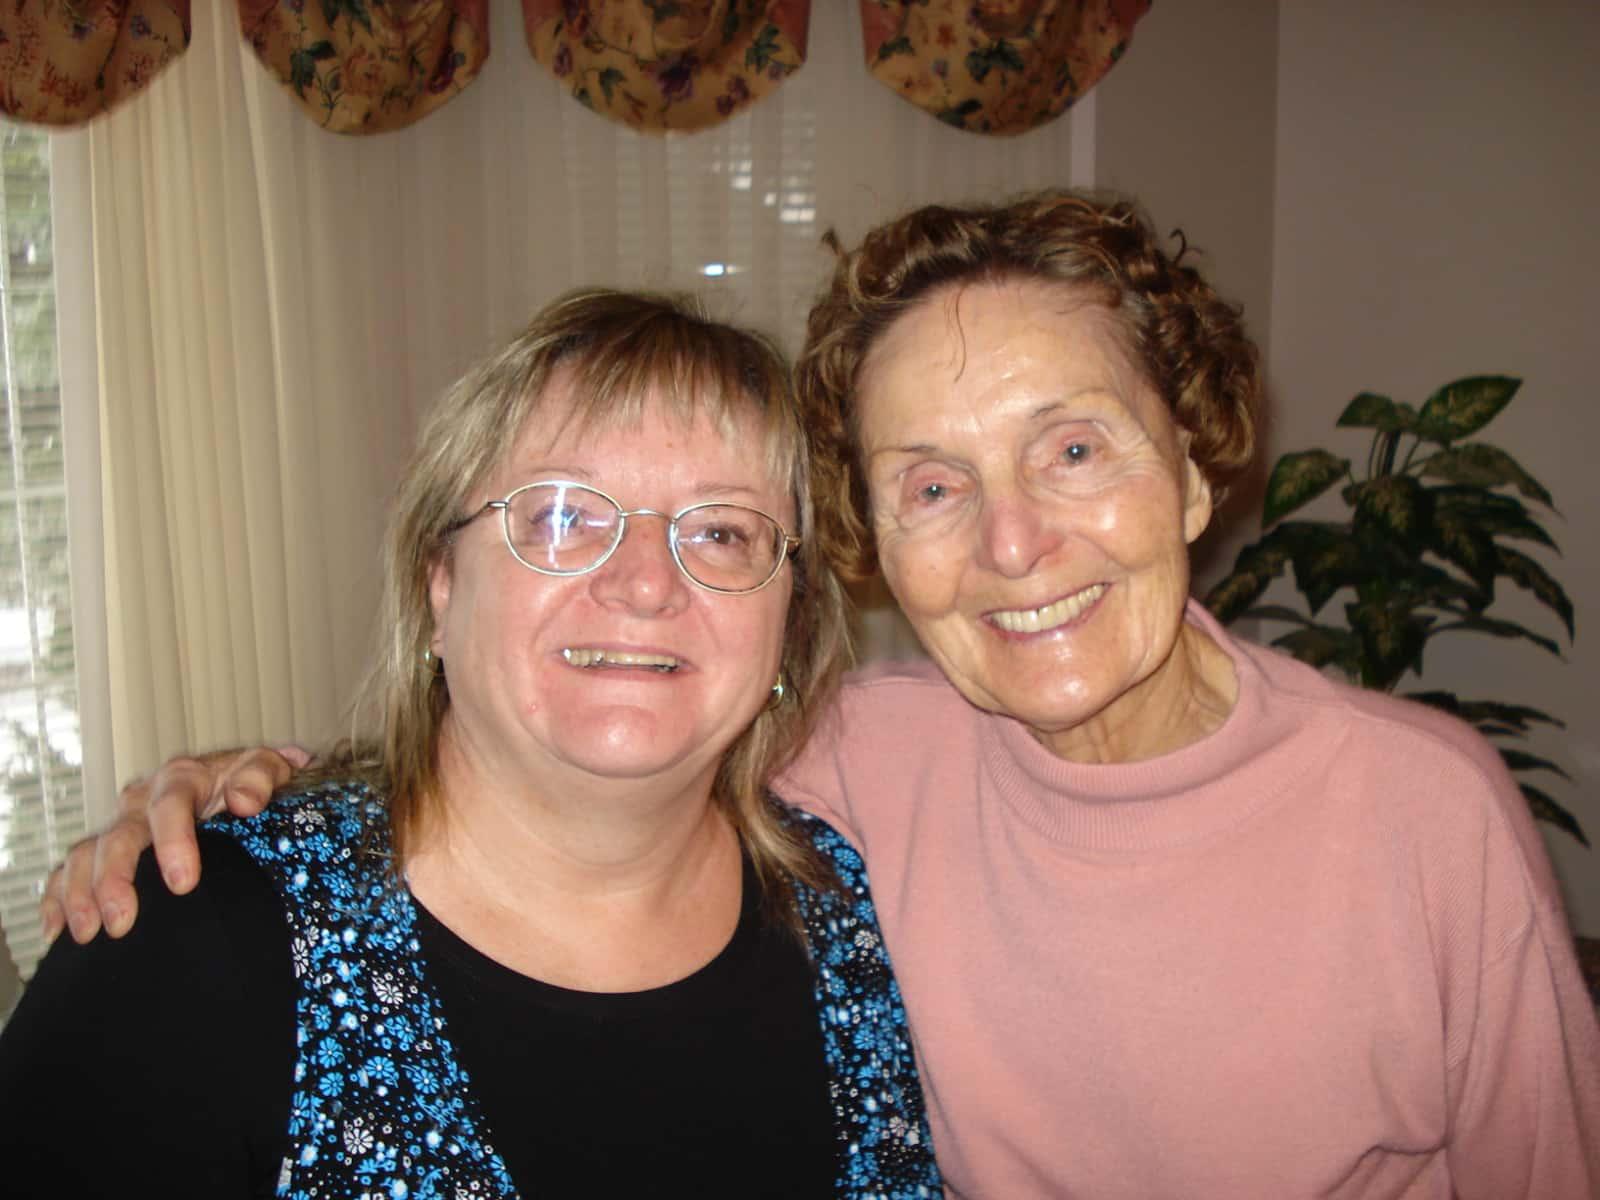 Carol from Red Deer, Alberta, Canada